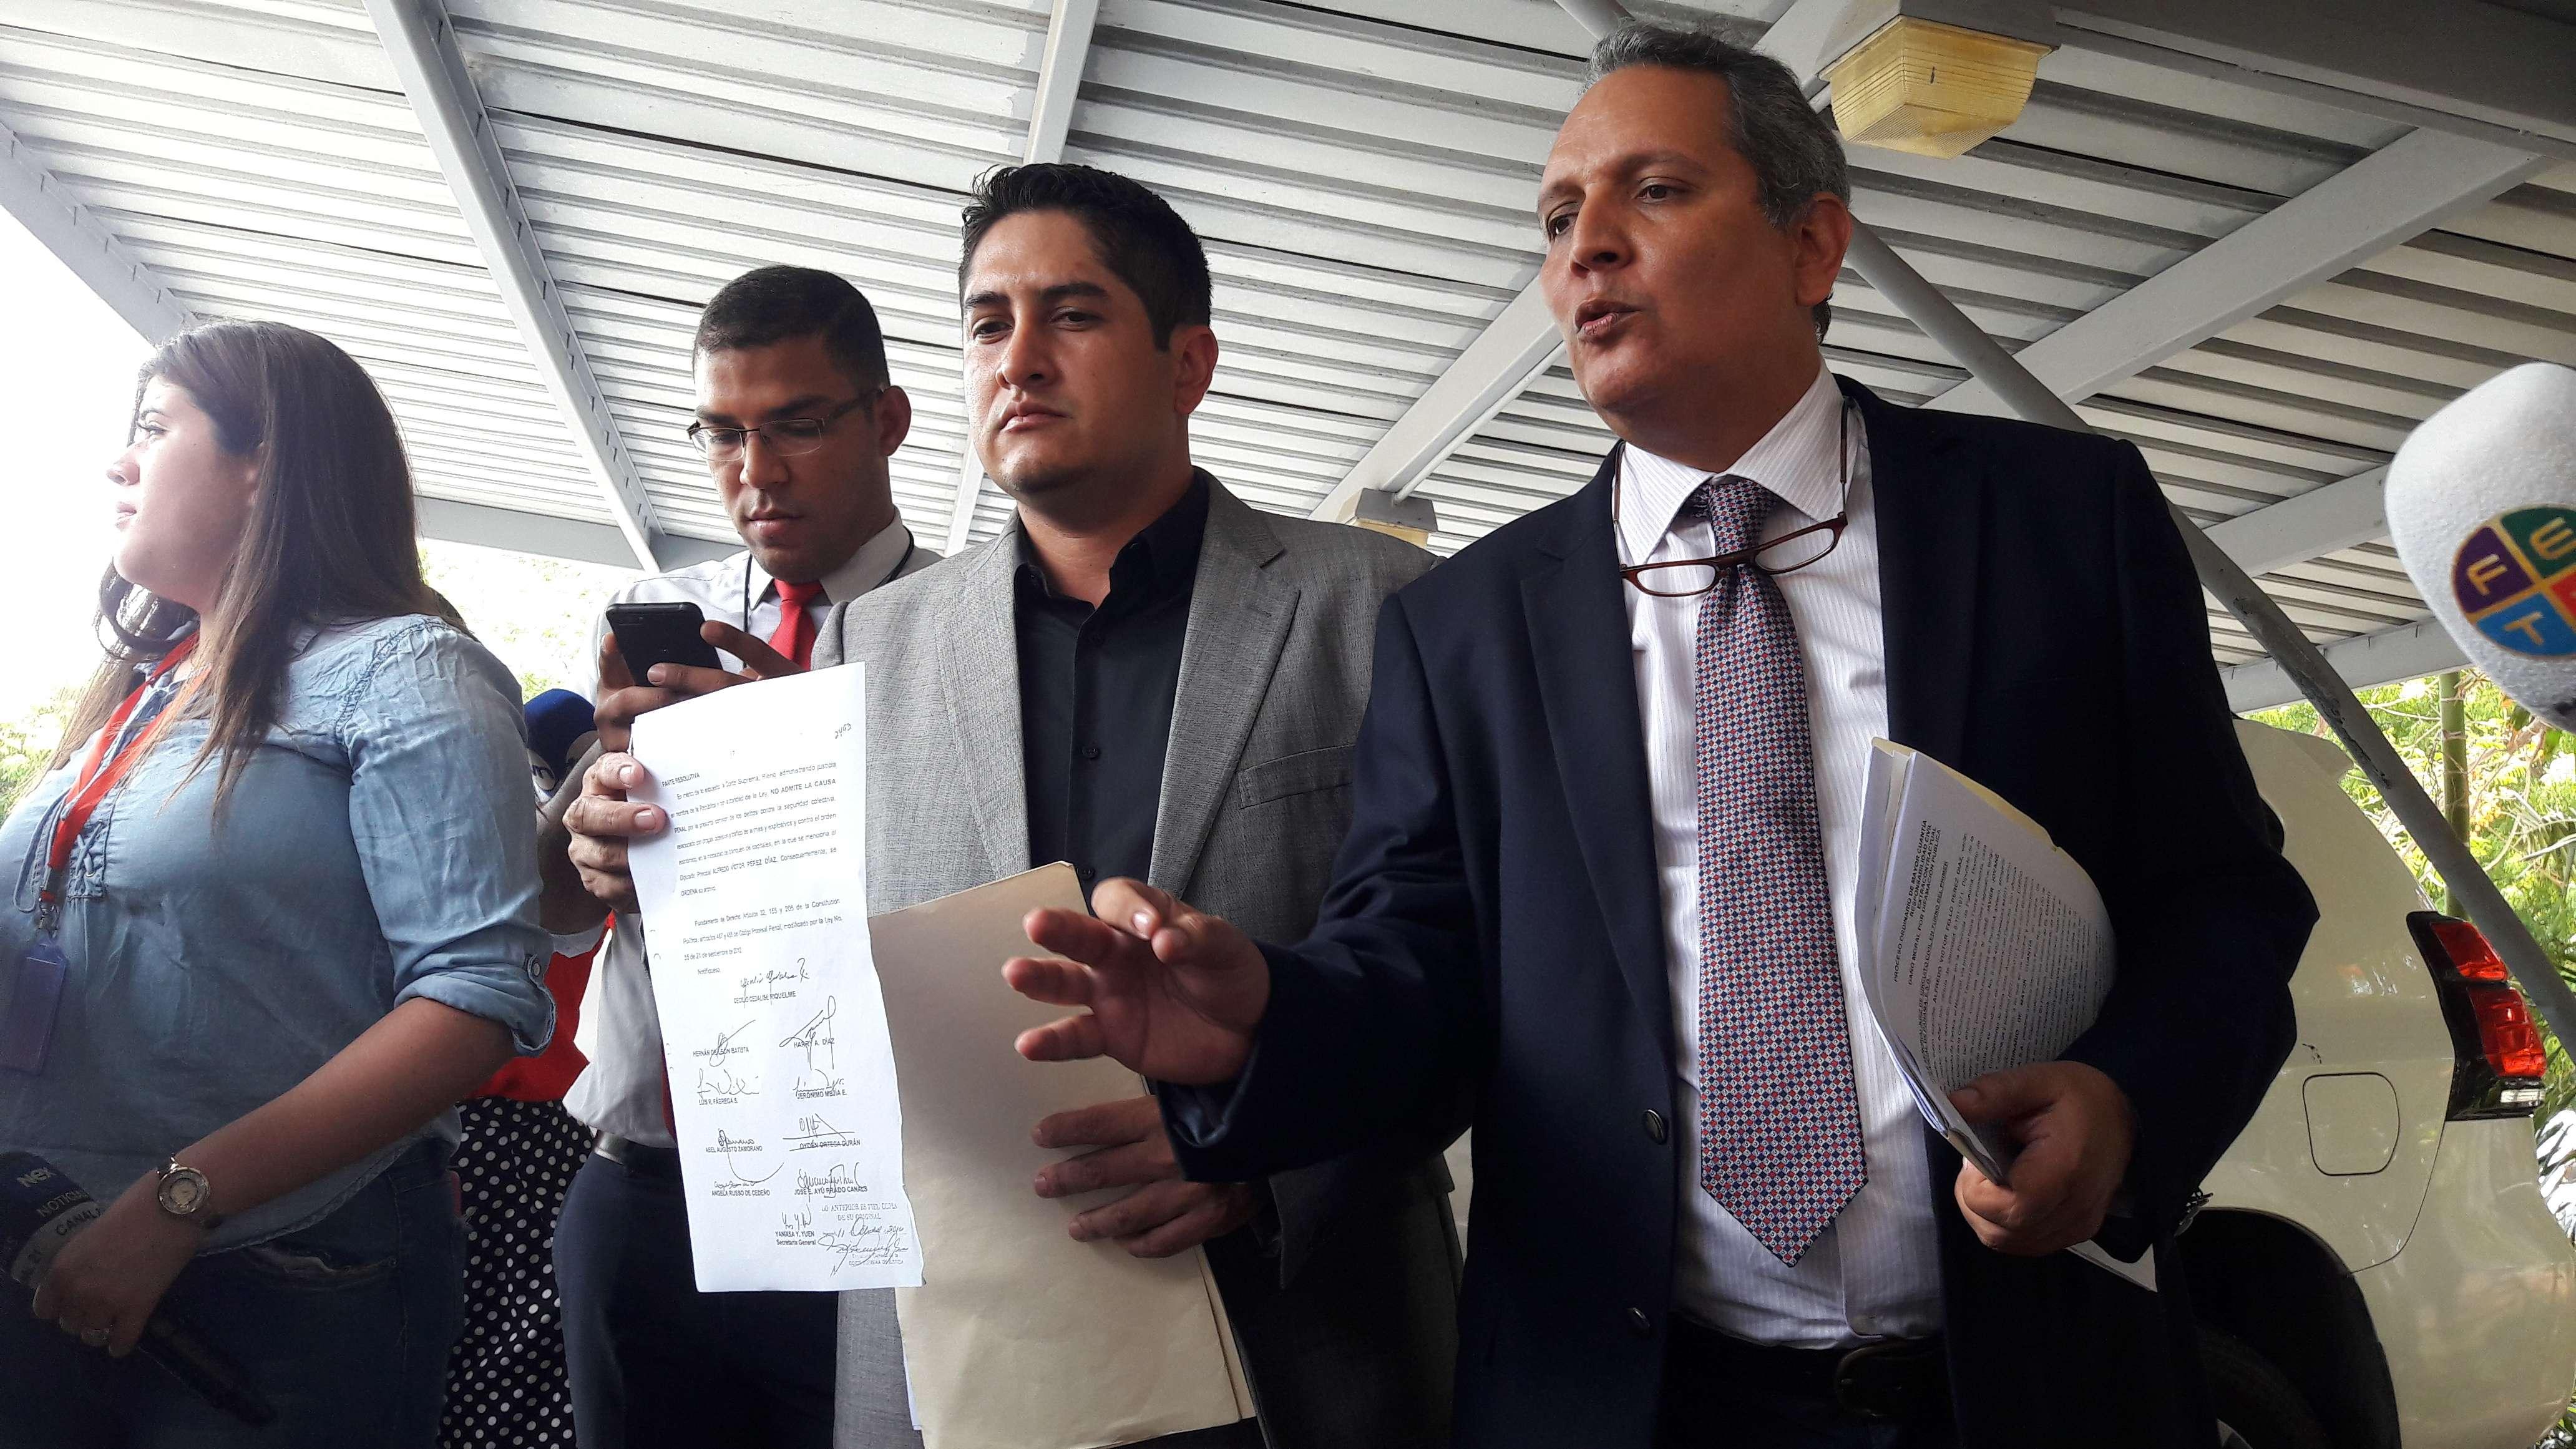 El diputado aseguró que dentro de las investigaciones podrían aumentar la cuantía de la demanda. Foto: Jean Carlos Díaz